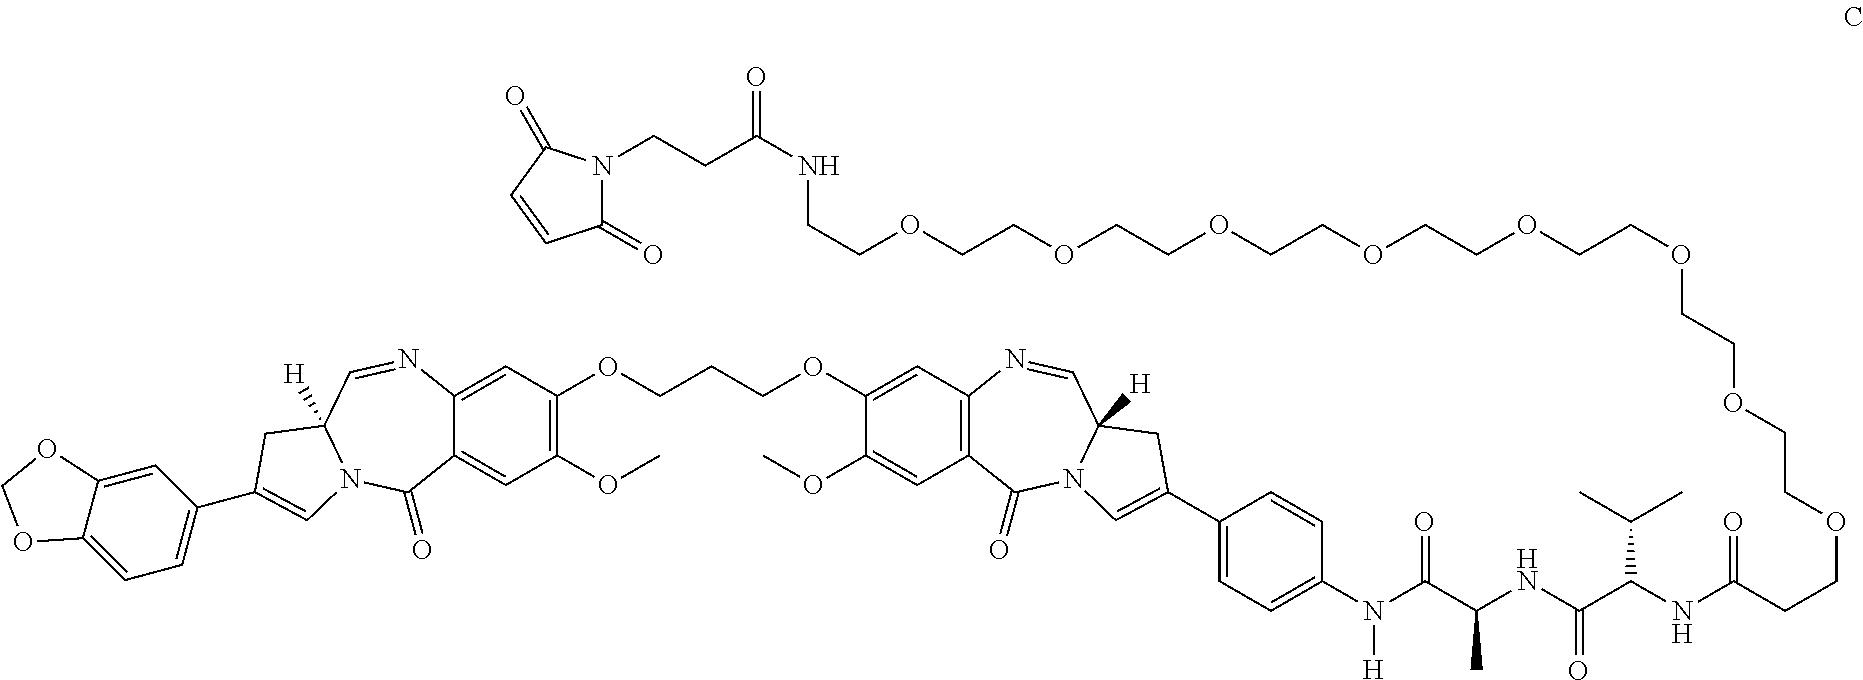 Figure US09919056-20180320-C00028